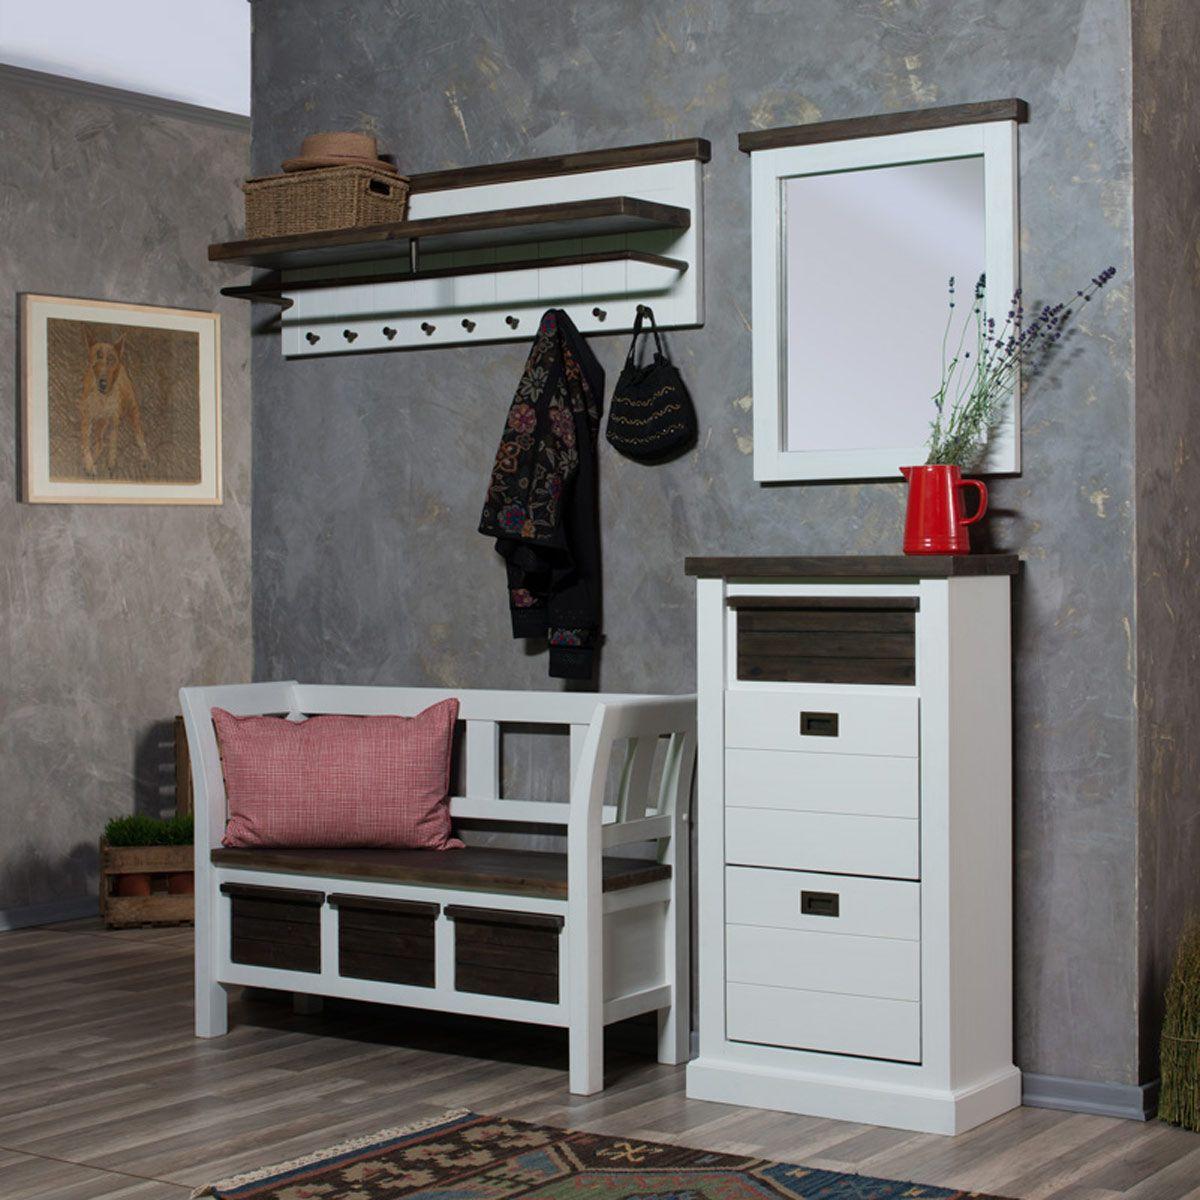 serie loft im landhausstil aus massiver akazie sitzbank schuhschrank wandpaneel spiegel. Black Bedroom Furniture Sets. Home Design Ideas